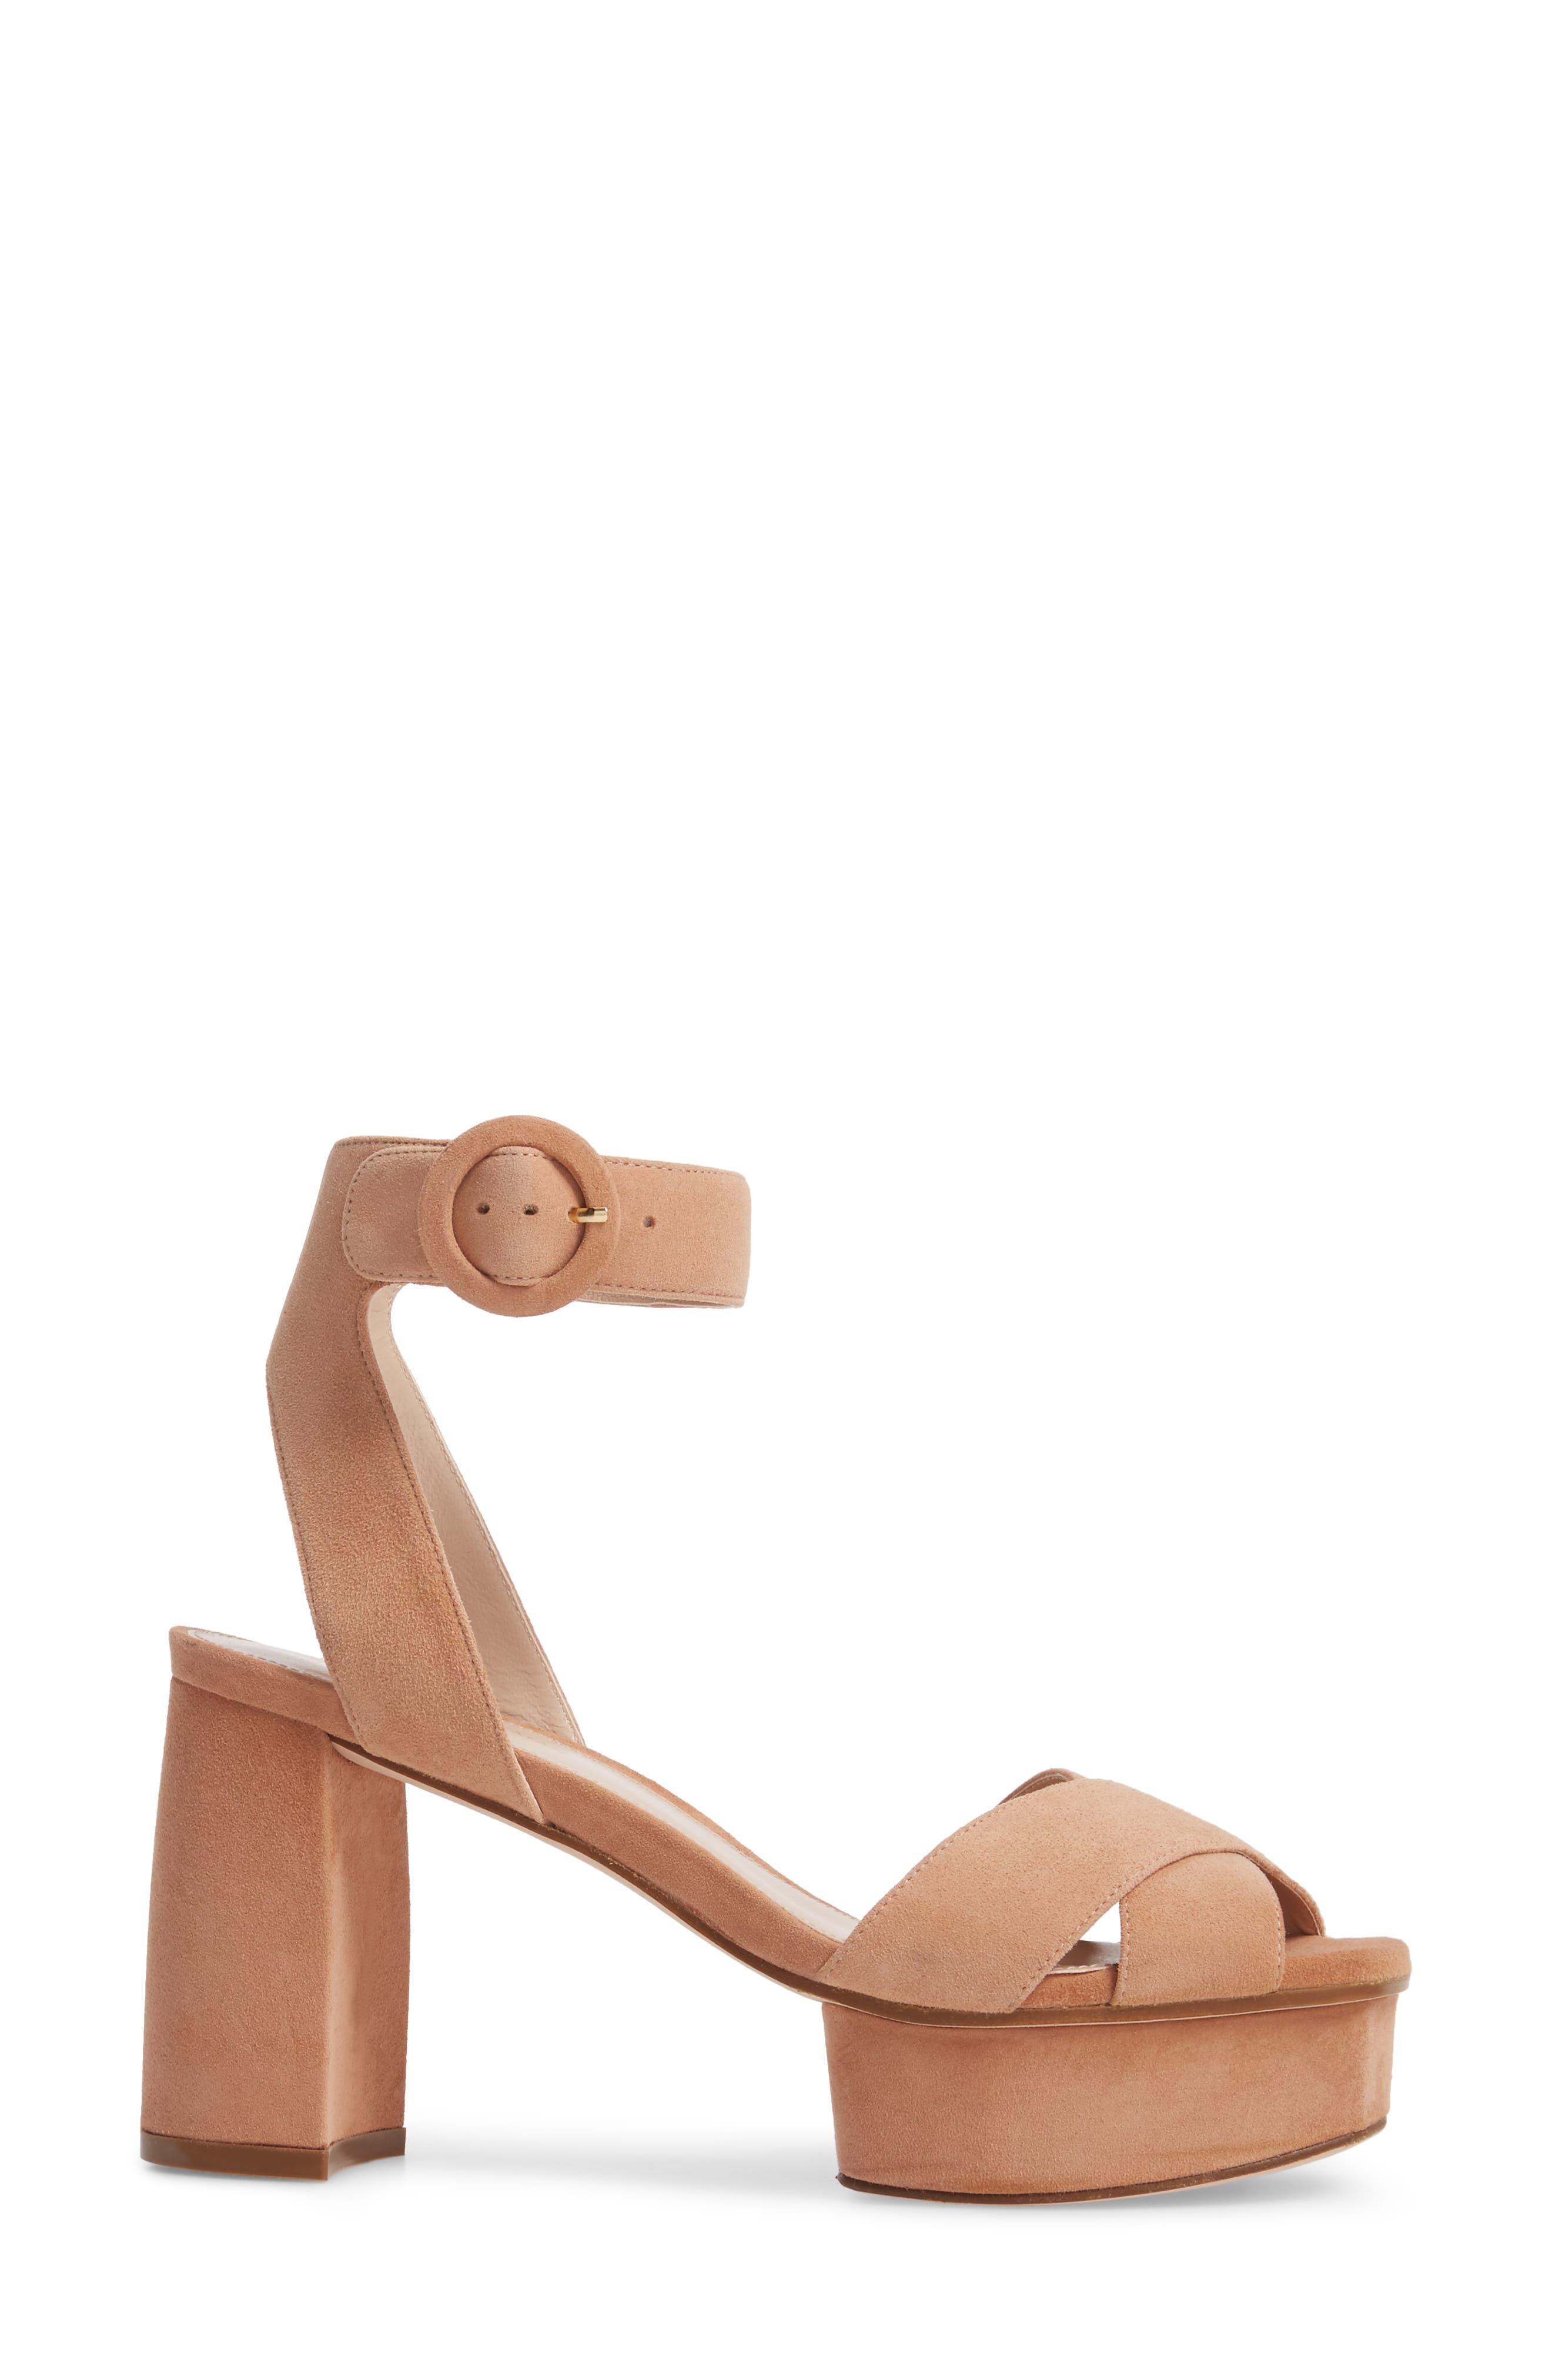 Carmina Ankle Strap Platform Sandal,                             Alternate thumbnail 3, color,                             Naked Seda Suede